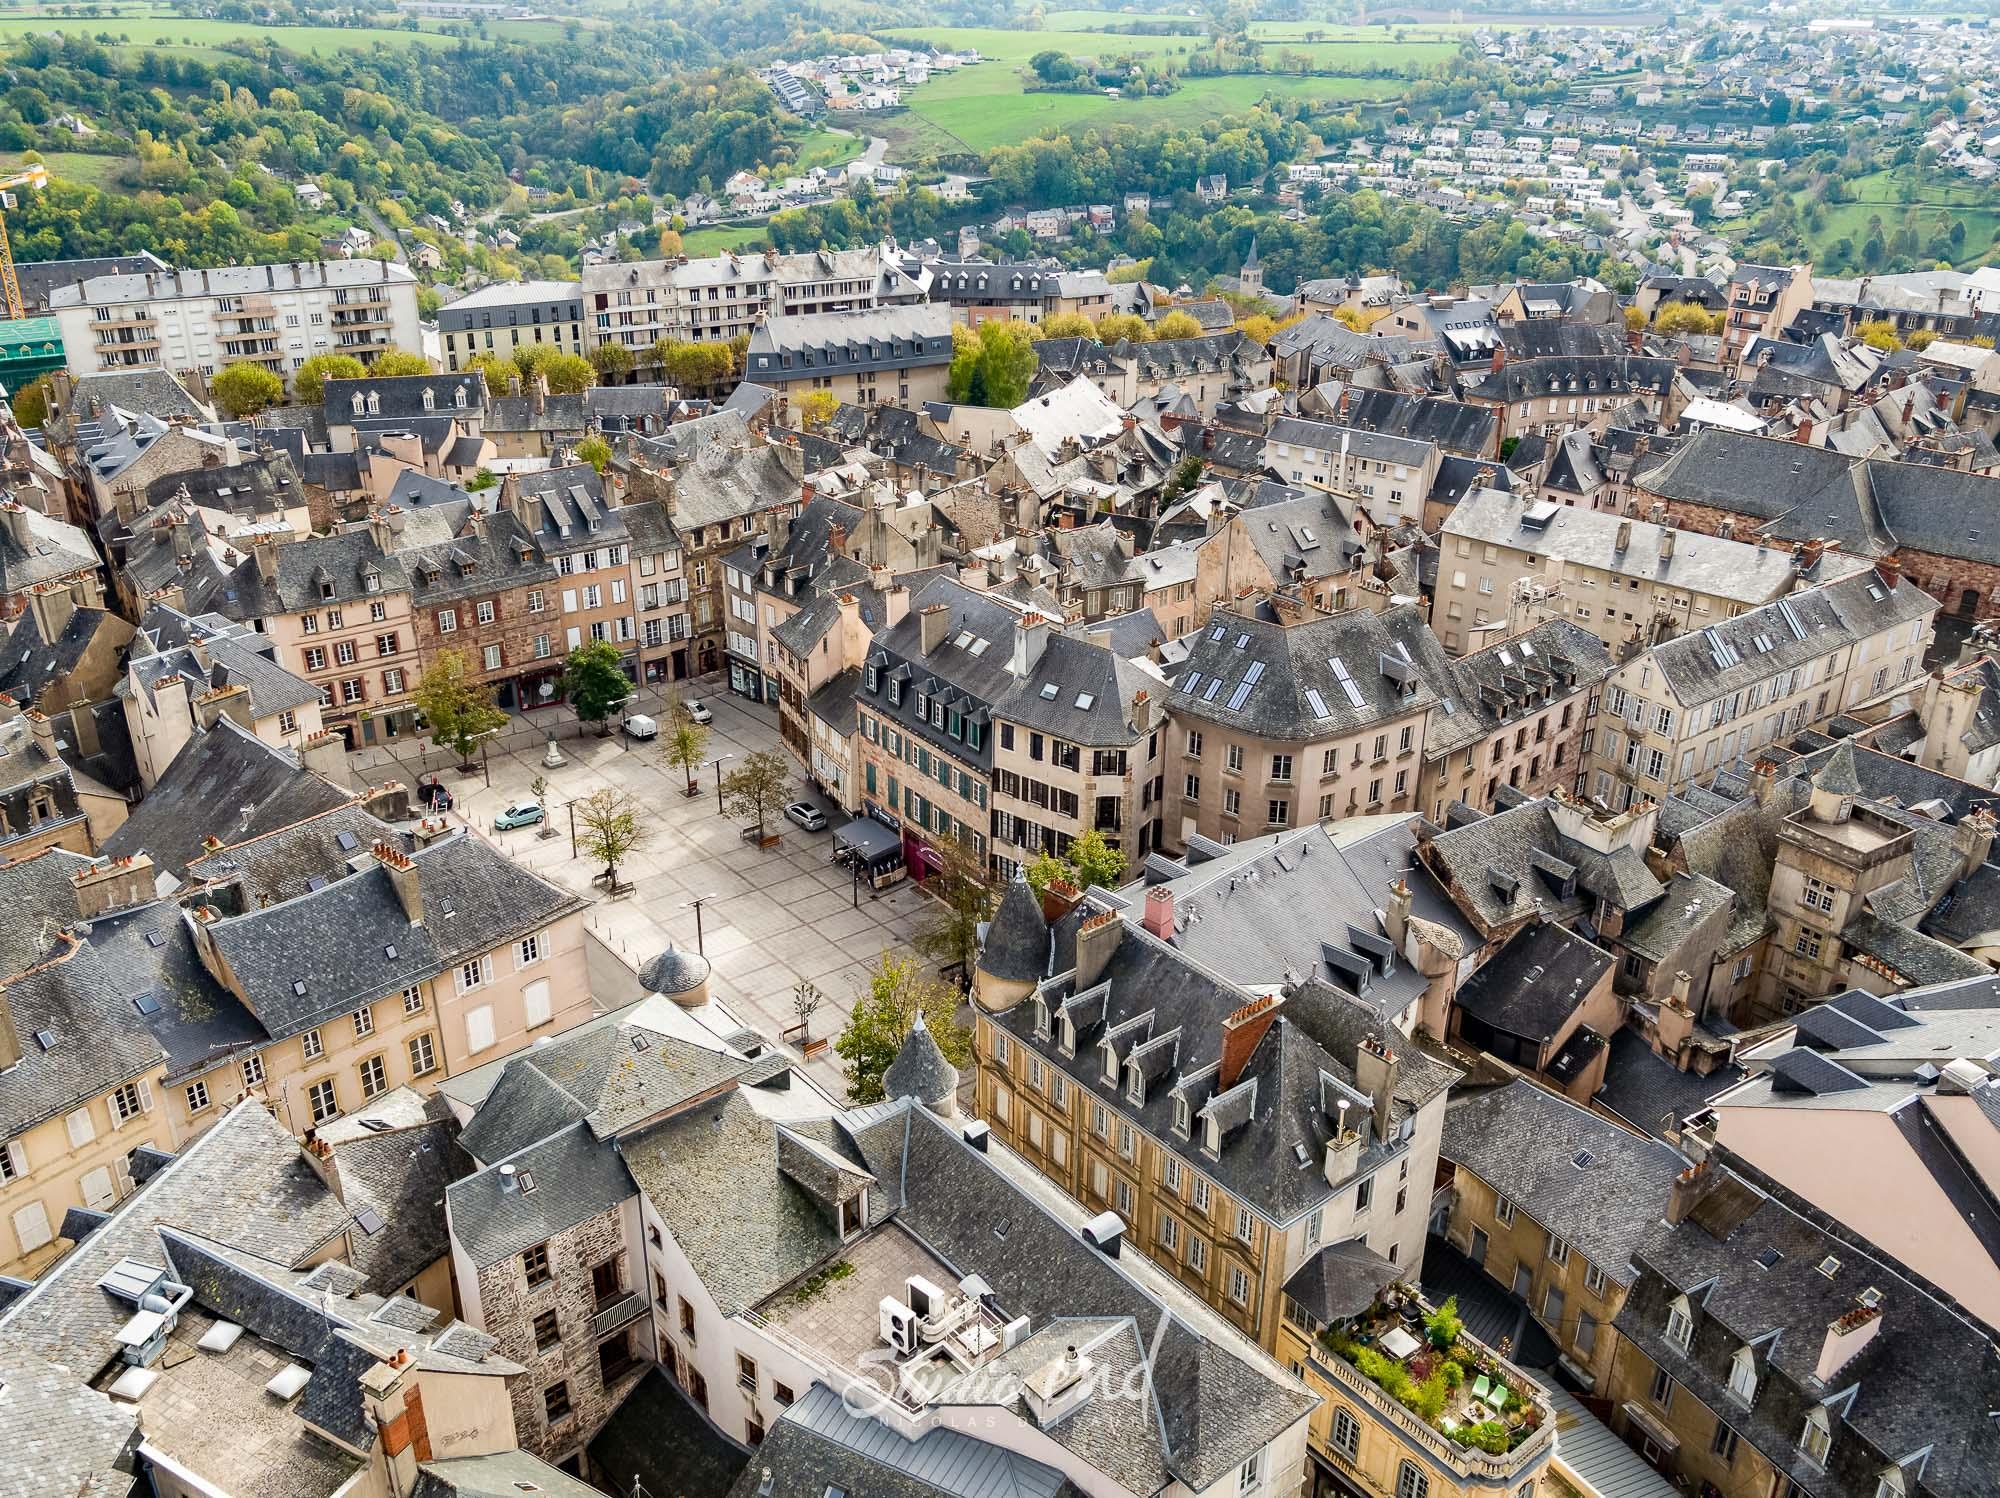 Photographie aérienne grace à un drone Rodez